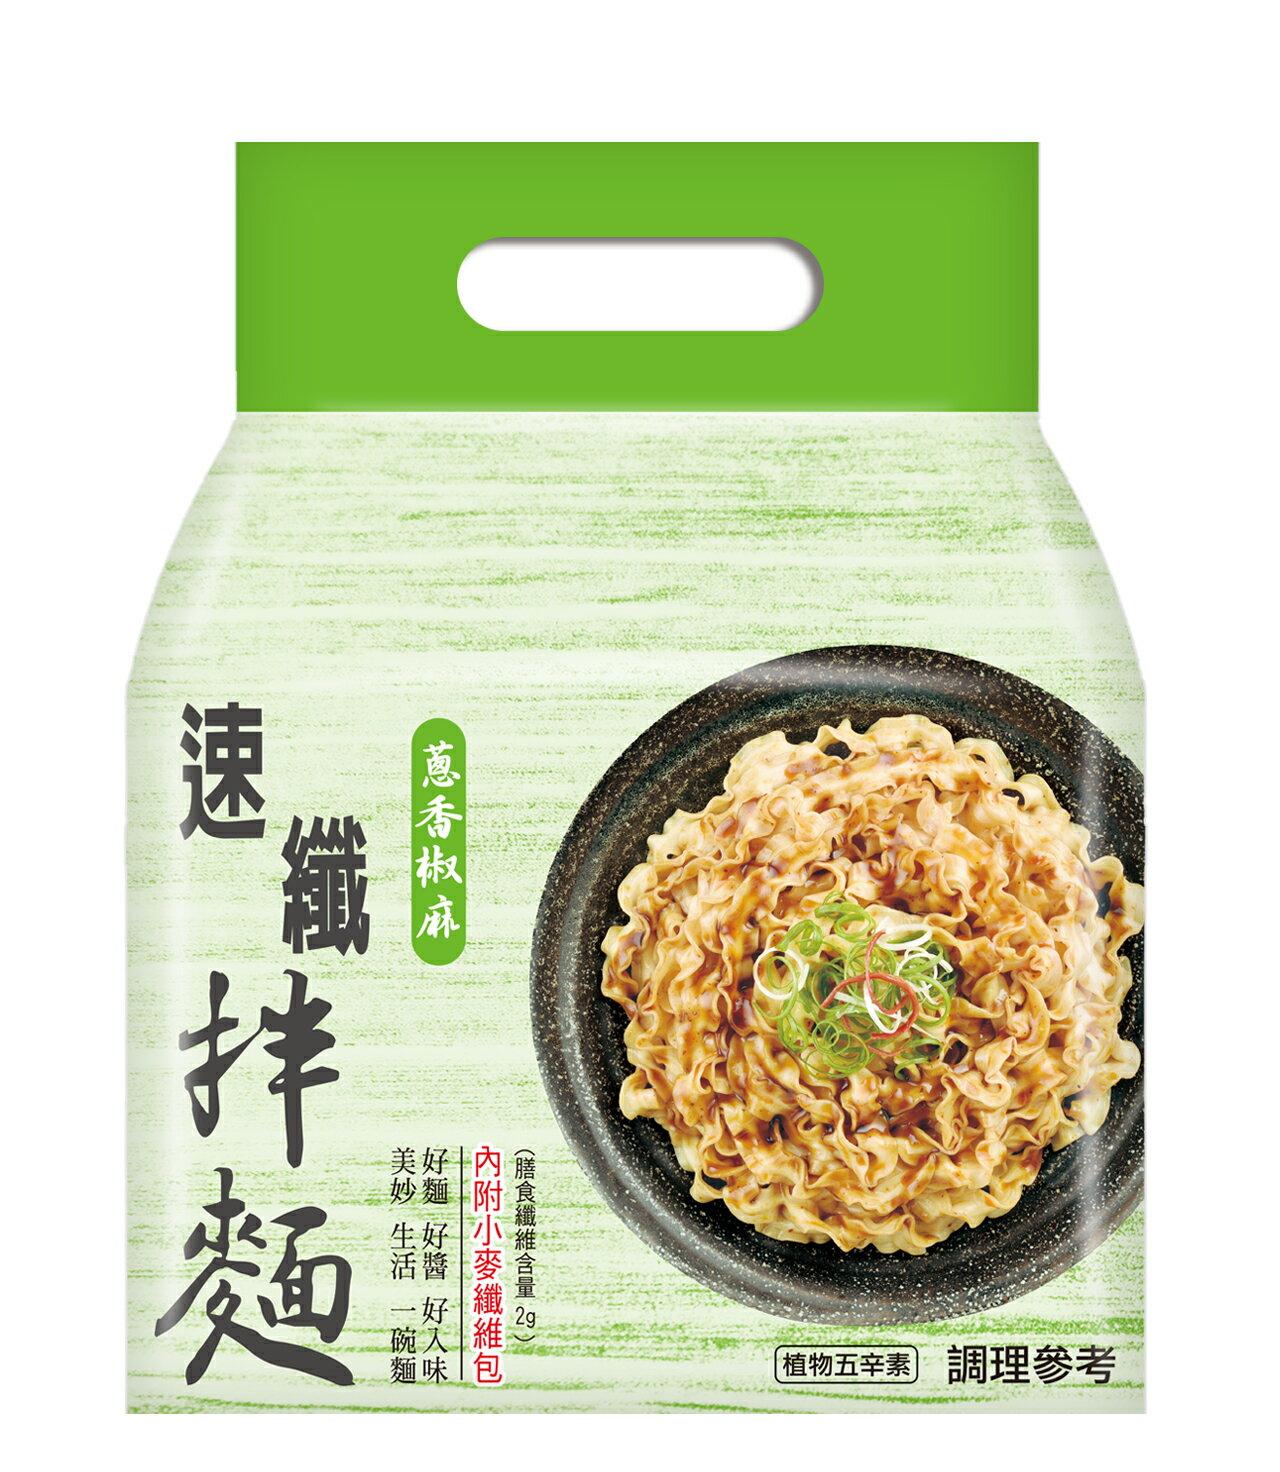 速纖拌麵-蔥香椒麻116g(4包入) / 袋【康鄰超市】 0